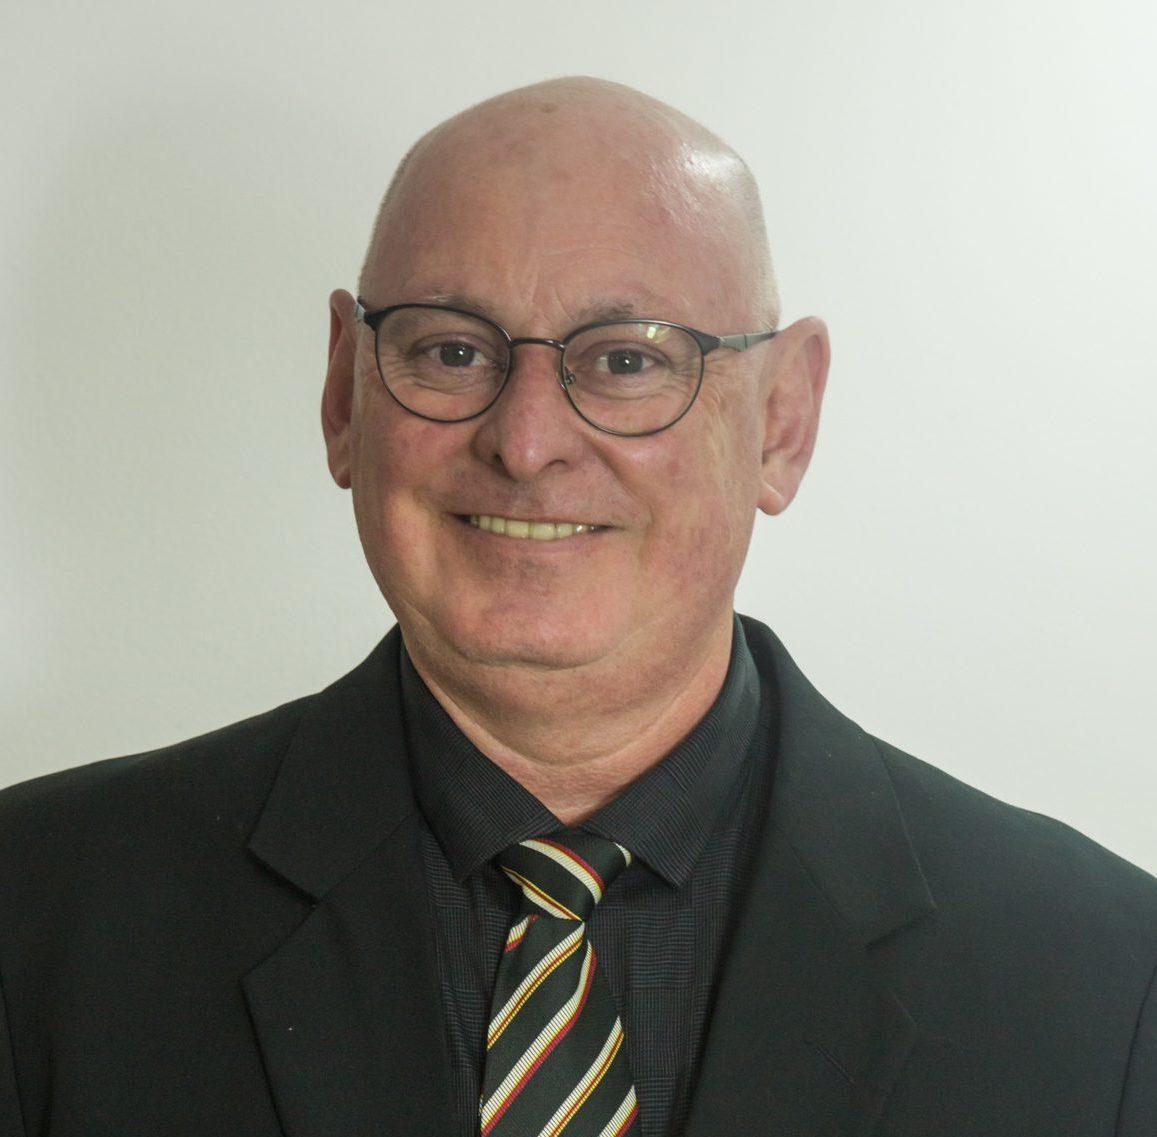 Paulo Roberto Dreger